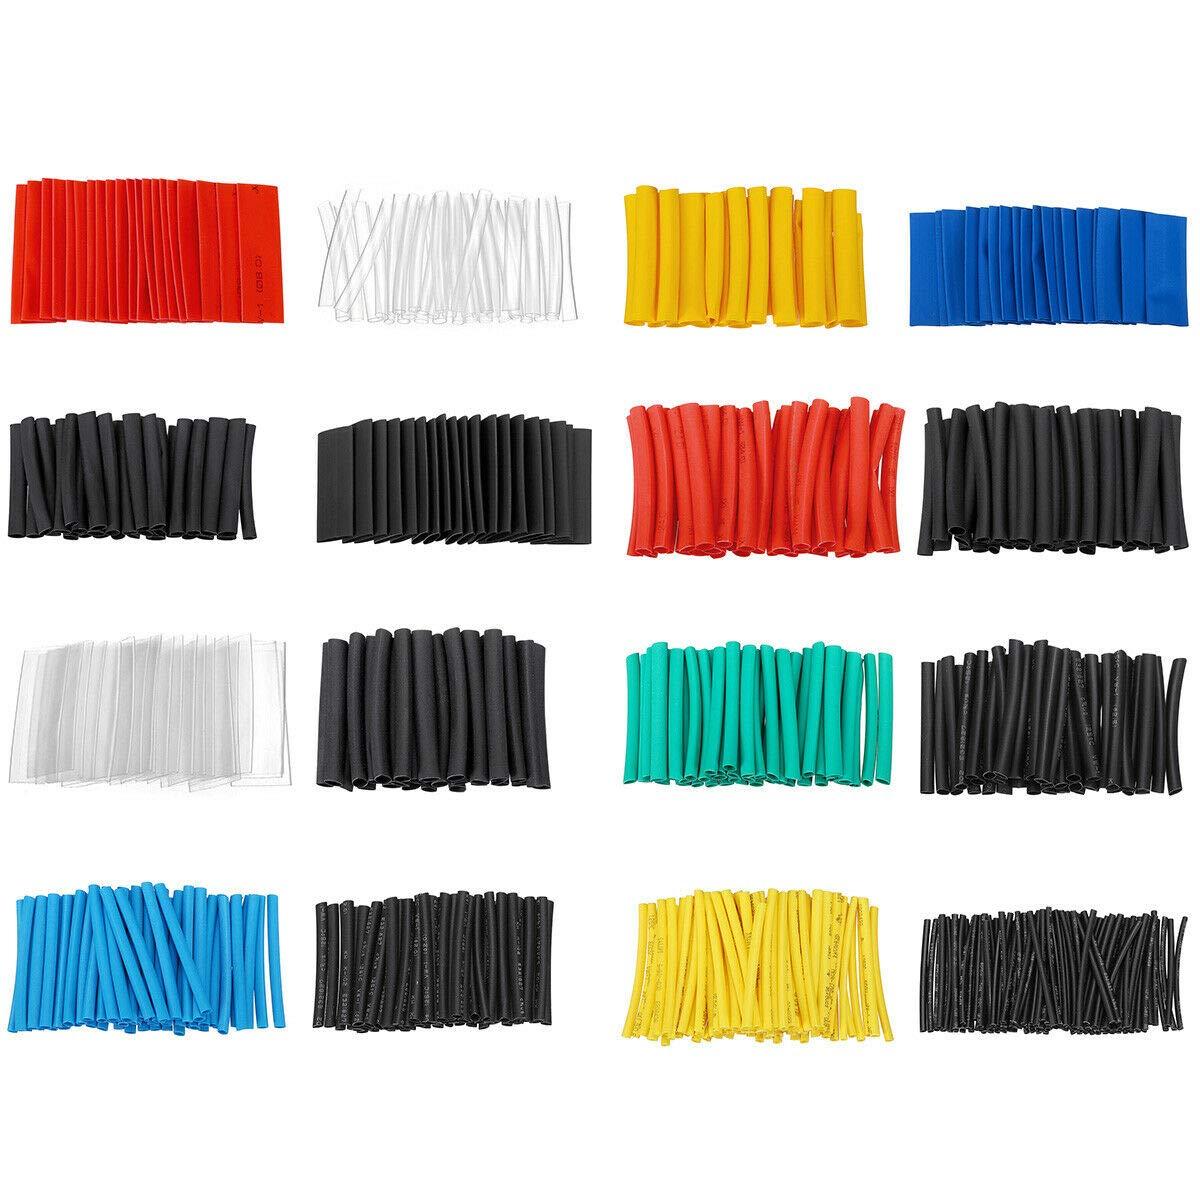 Kabel-Set Schrumpfschlauch-Set Schrumpfschlauch-Verpackung 580 St/ück elektrische Isolierung 5 Farben 16 Spezifikationen